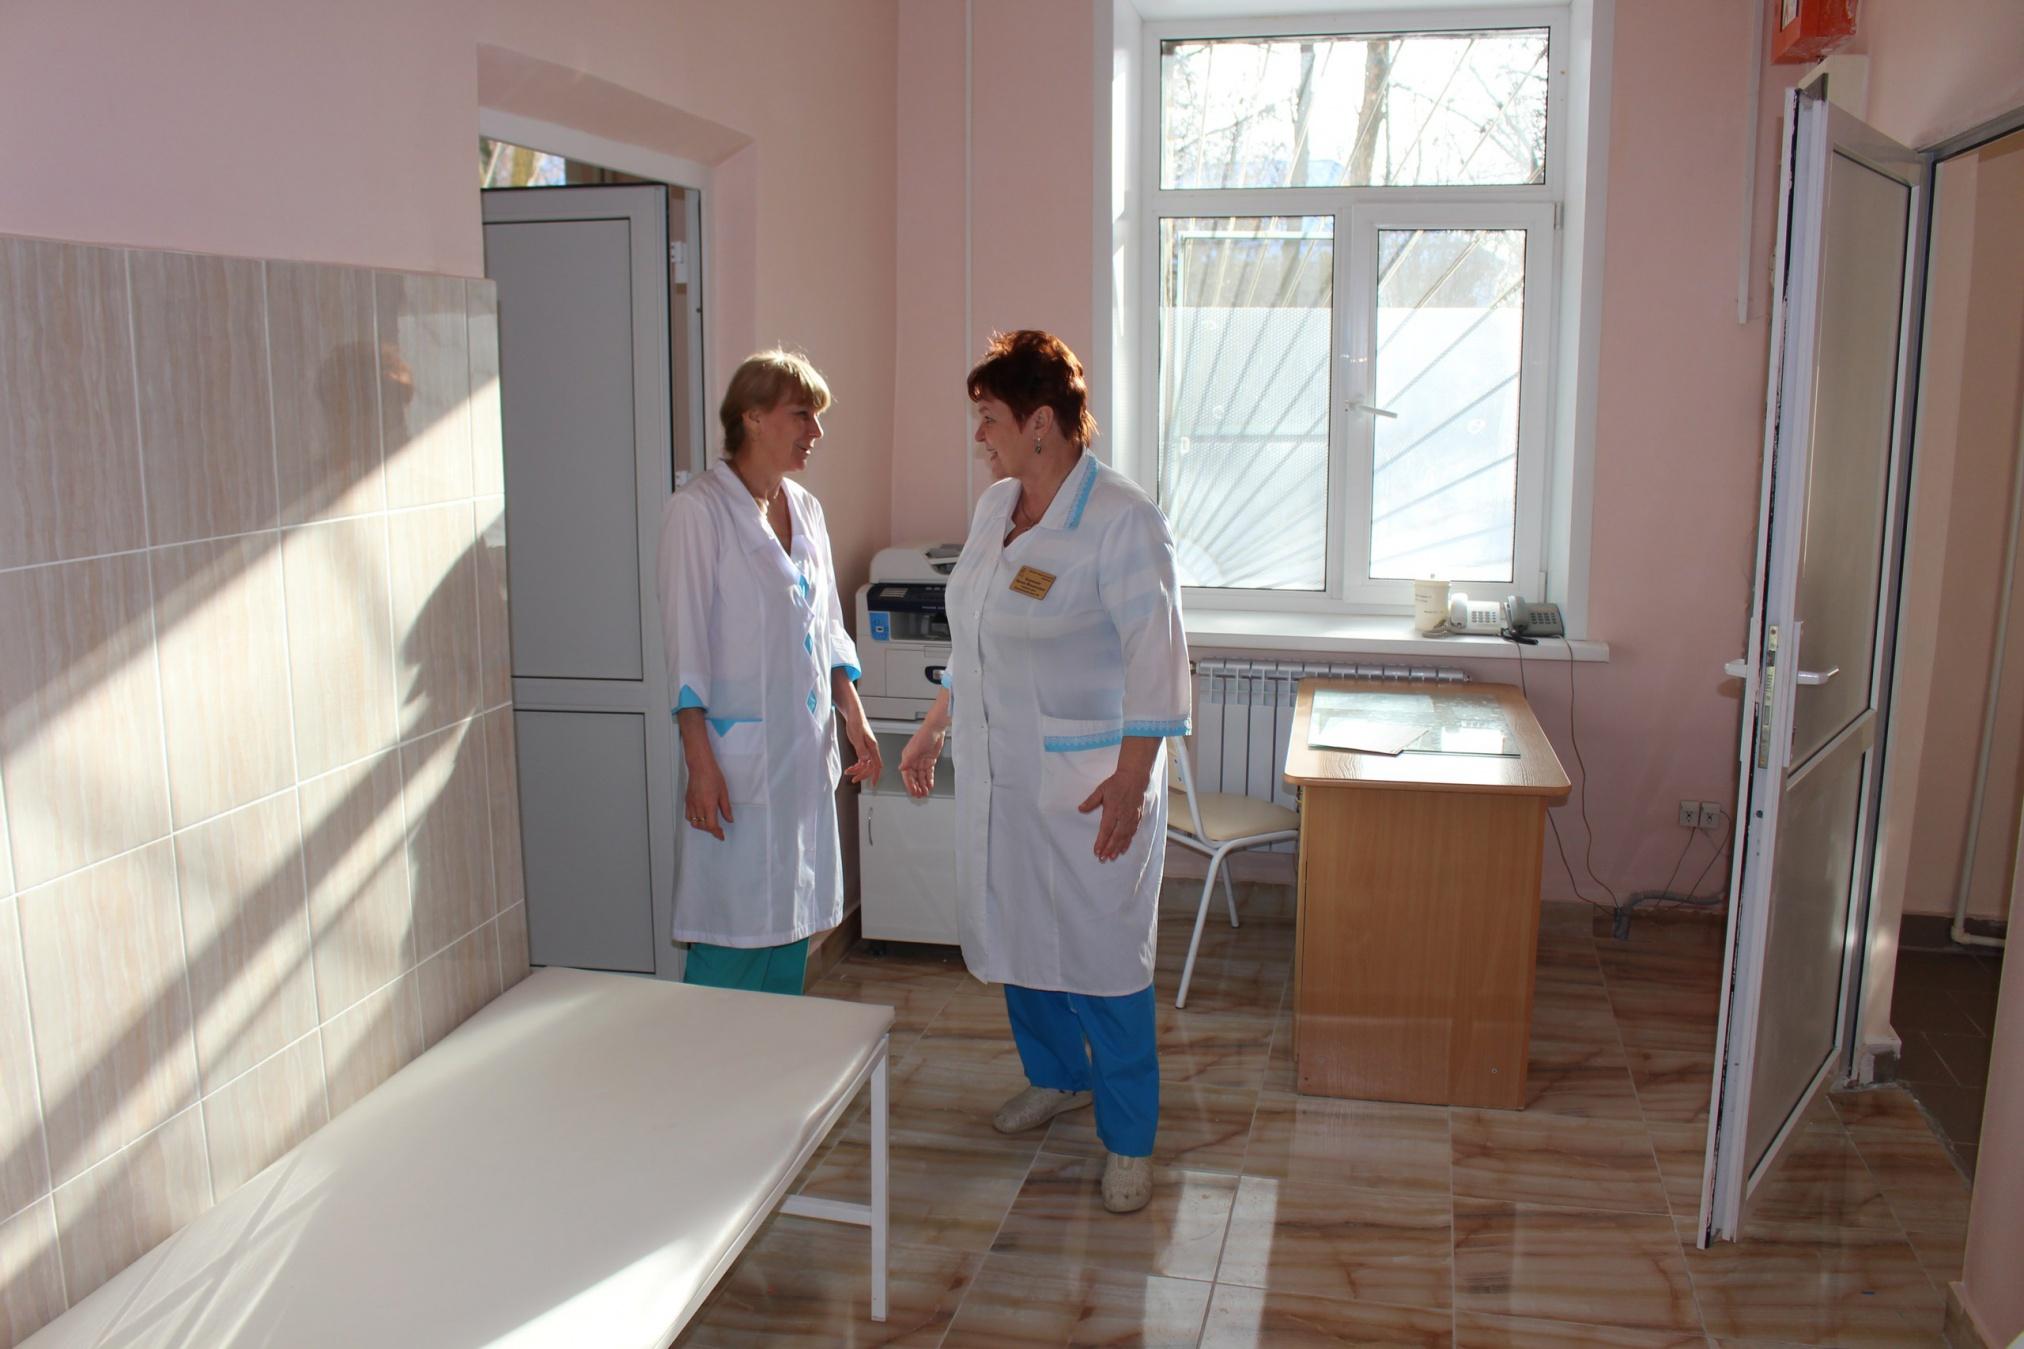 ВоВладимирском роддоме установили камеры видеонаблюдения зародами